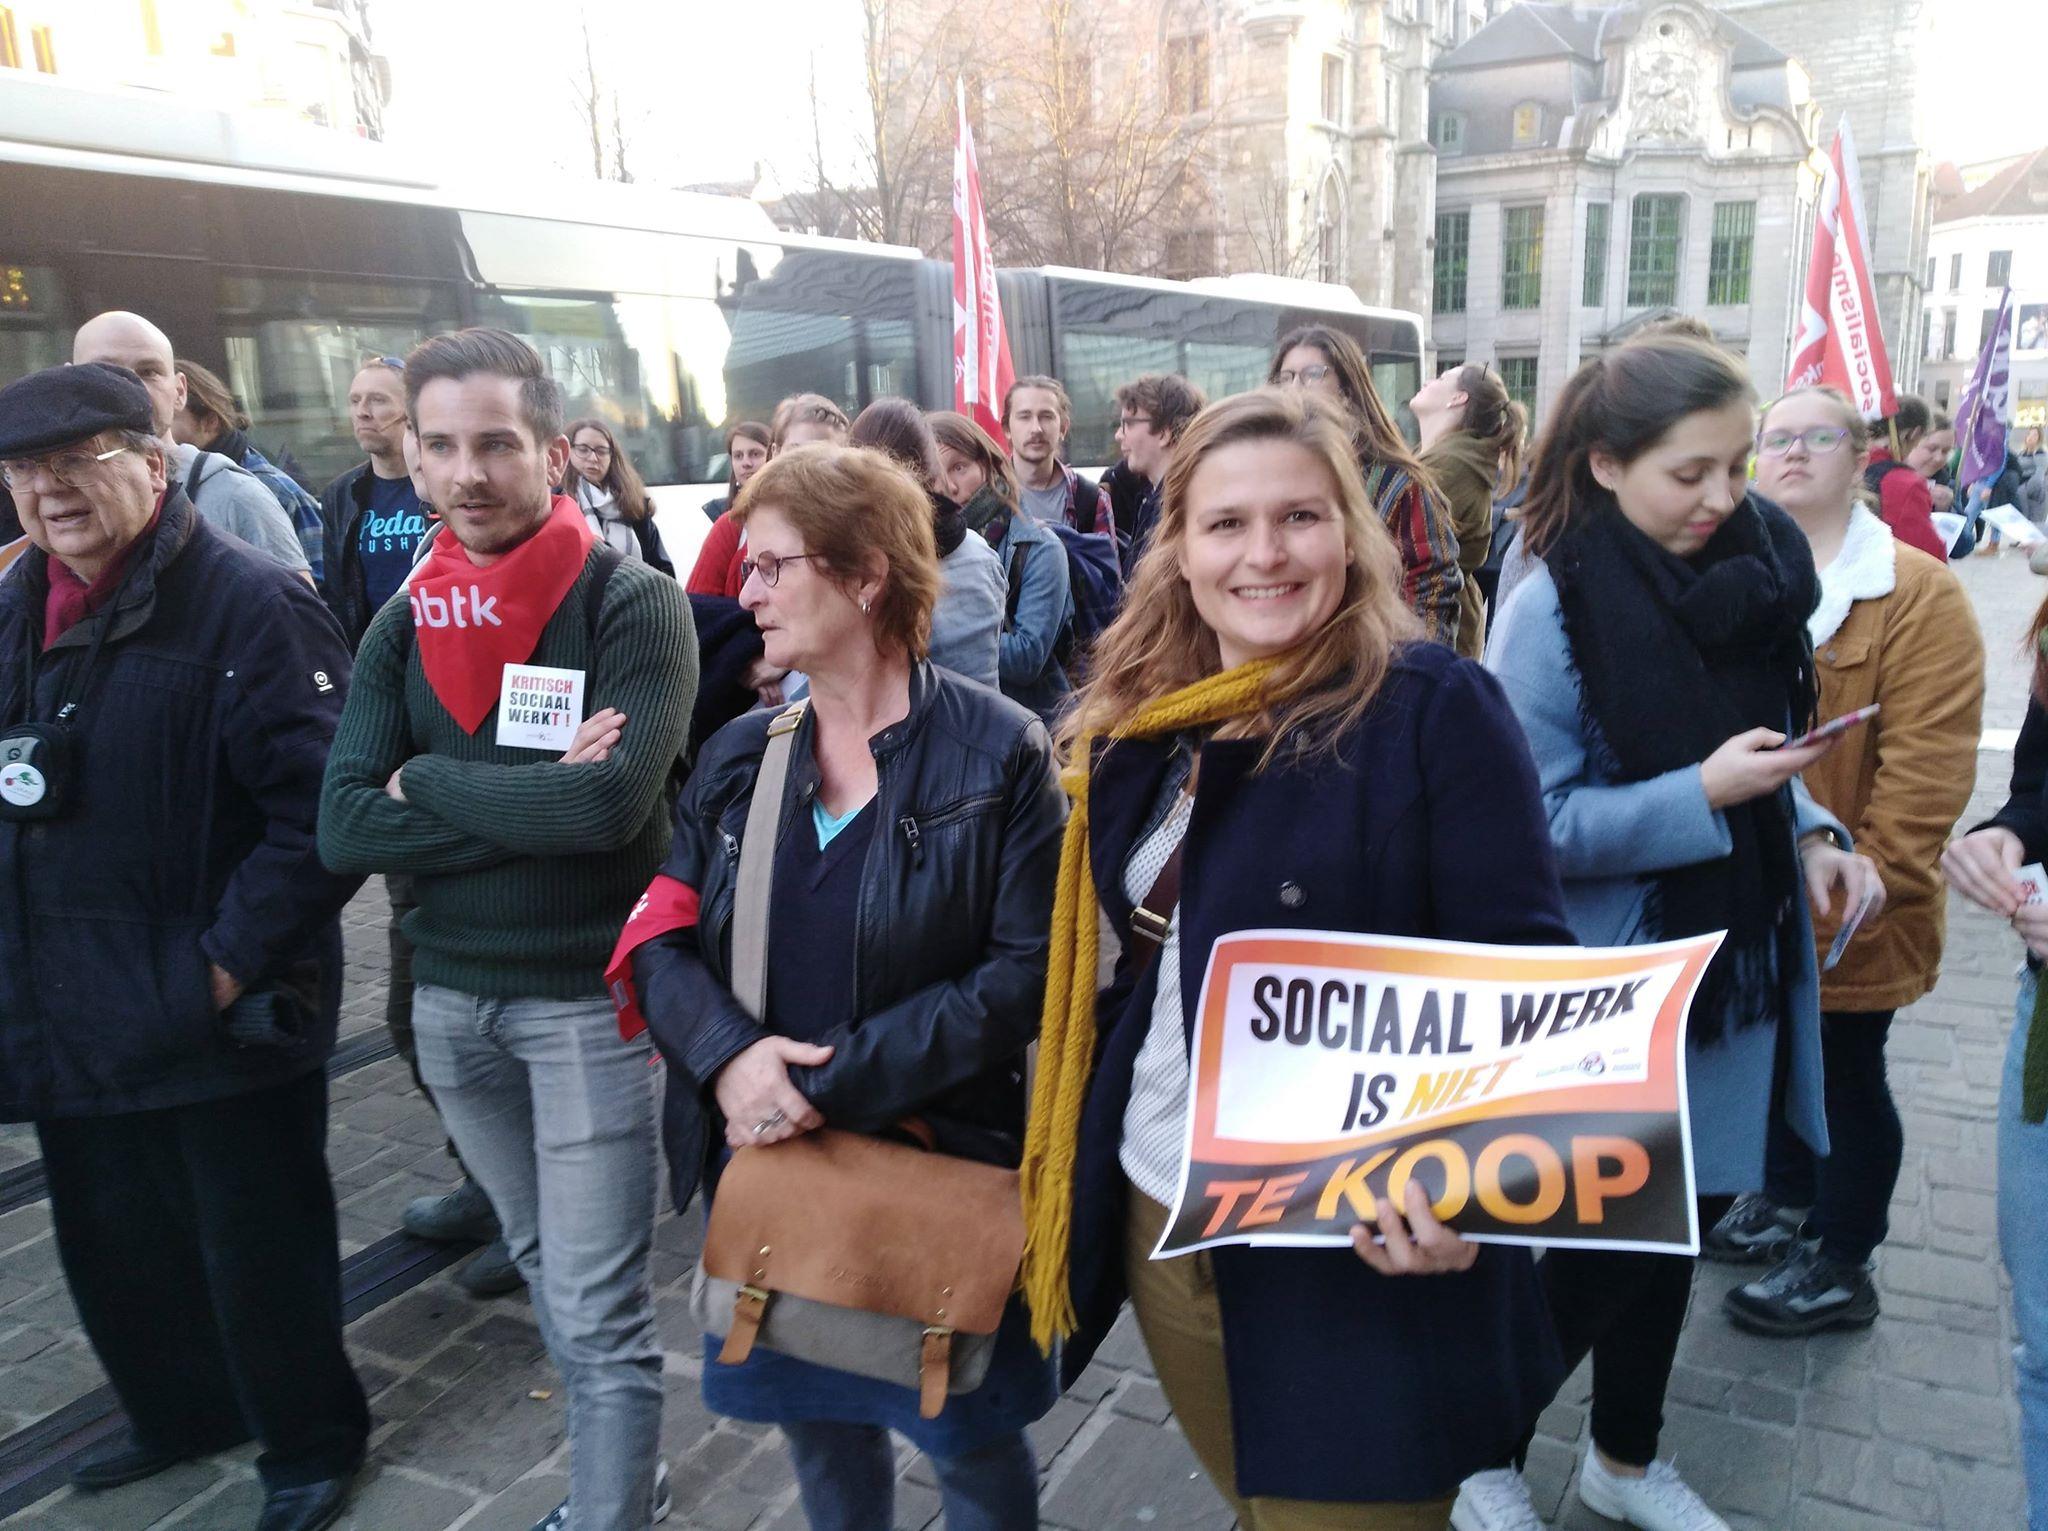 Sociaal werk is niet te koop!